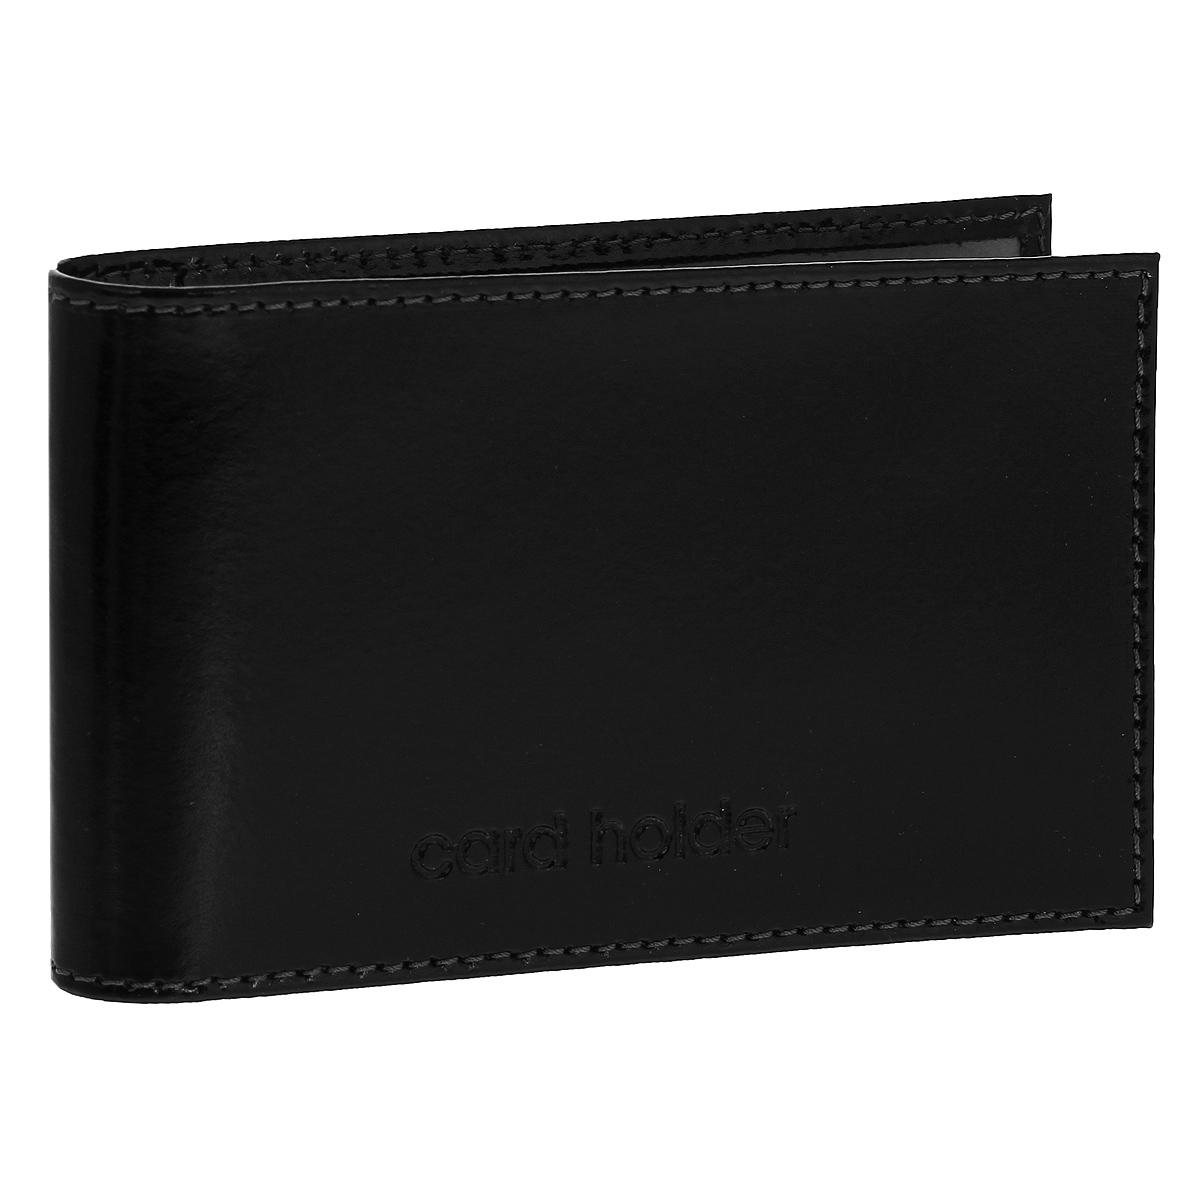 Кредитница горизонтальная Befler Classic, цвет: черный. K.5.-1A52_108Компактная горизонтальная кредитница Befler Classic  - стильная вещь для хранения визиток. Обложка кредитницы выполнена из натуральной кожи и оформлена декоративным тиснением Card Holder. На внутреннем развороте 2 кармана из прозрачного пластика. Внутренний блок состоит из 20 прозрачных кармашков, рассчитанных на 40 визитных или 20 кредитных карт.